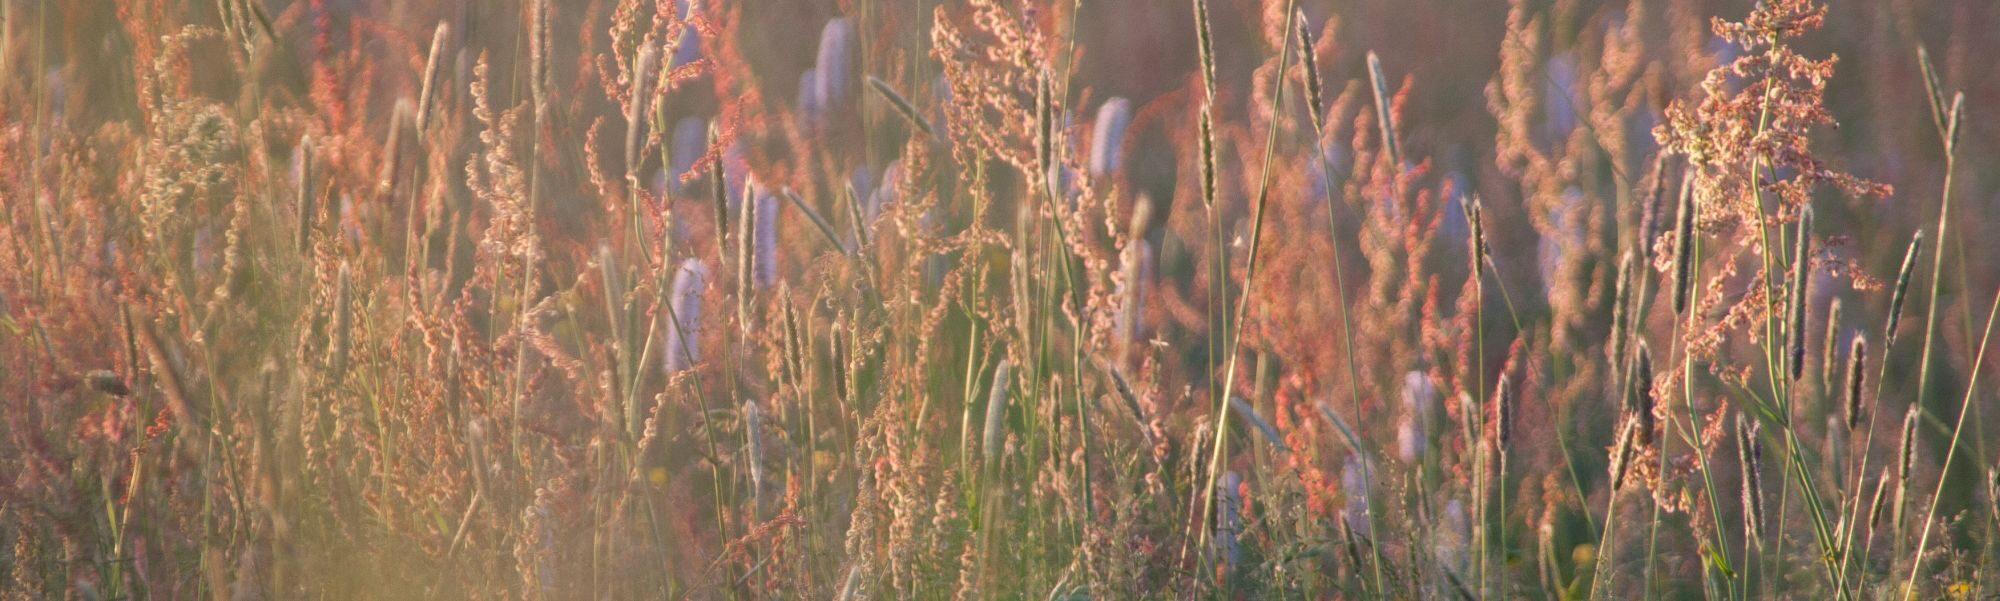 Łąka w Suwalskim Parku Krajobrazowym